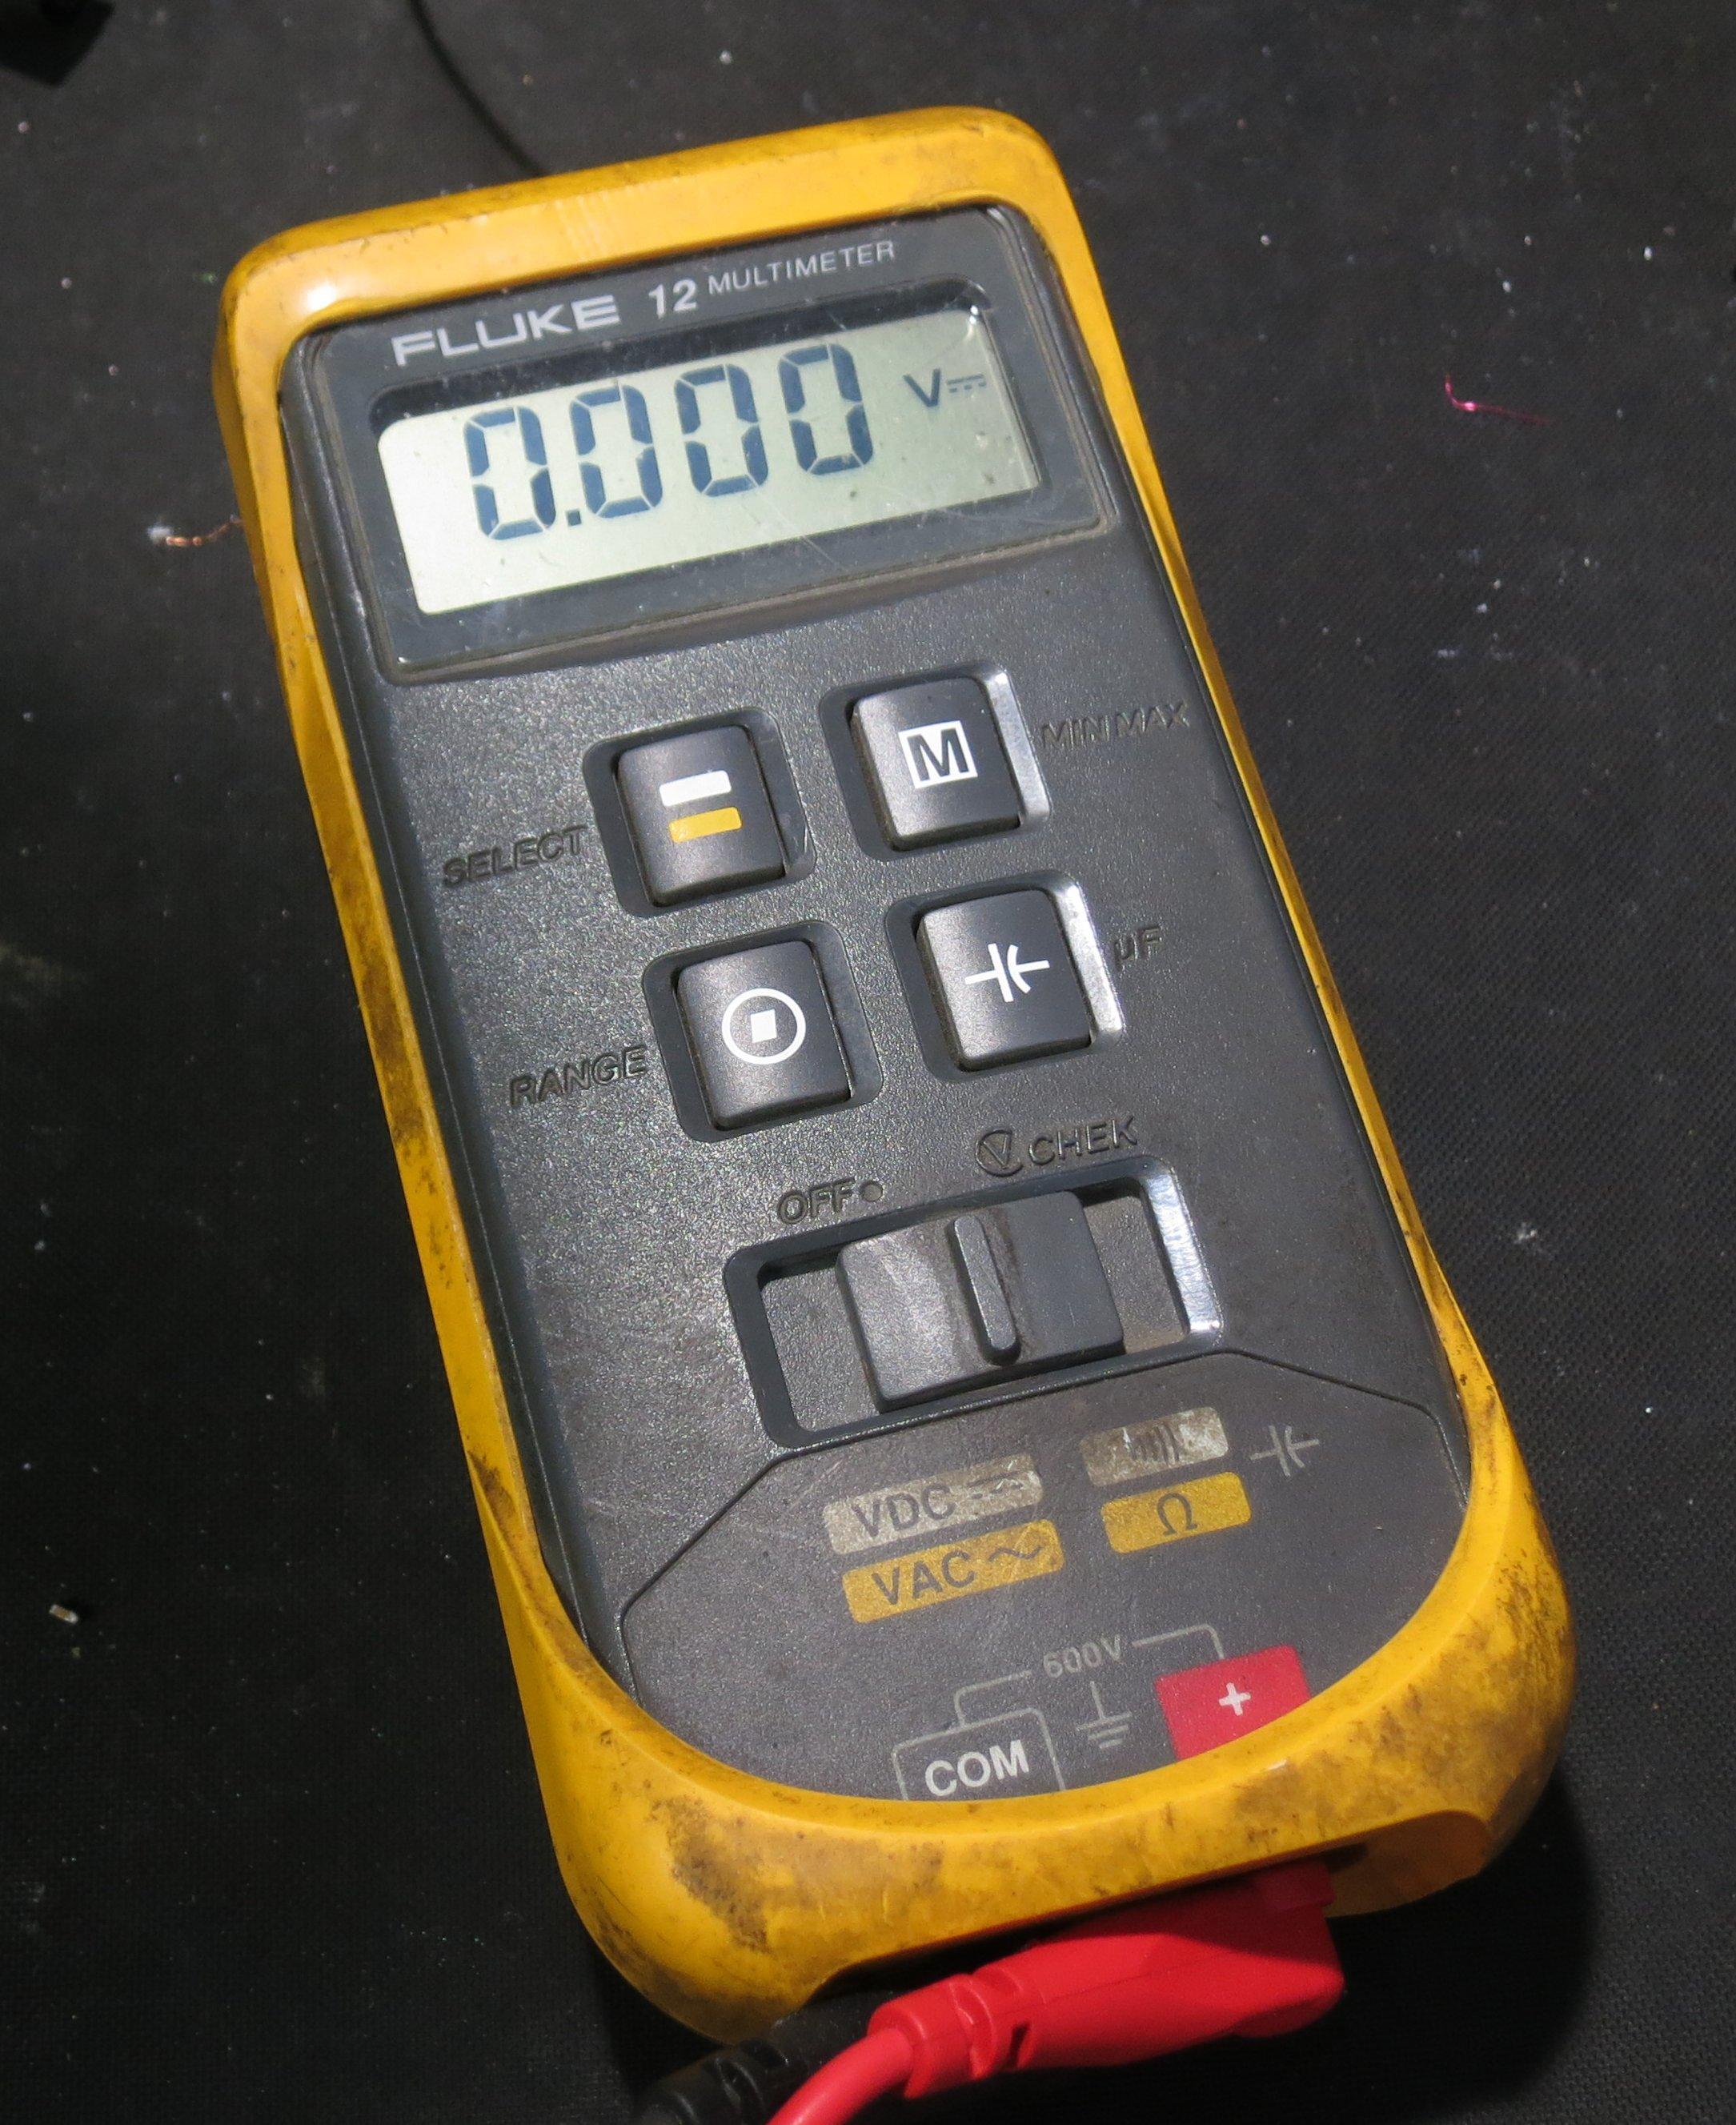 fluke 11 multimeter manual user guide manual that easy to read u2022 rh wowomg co Fluke Temperature Probe Fluke Infrared Camera